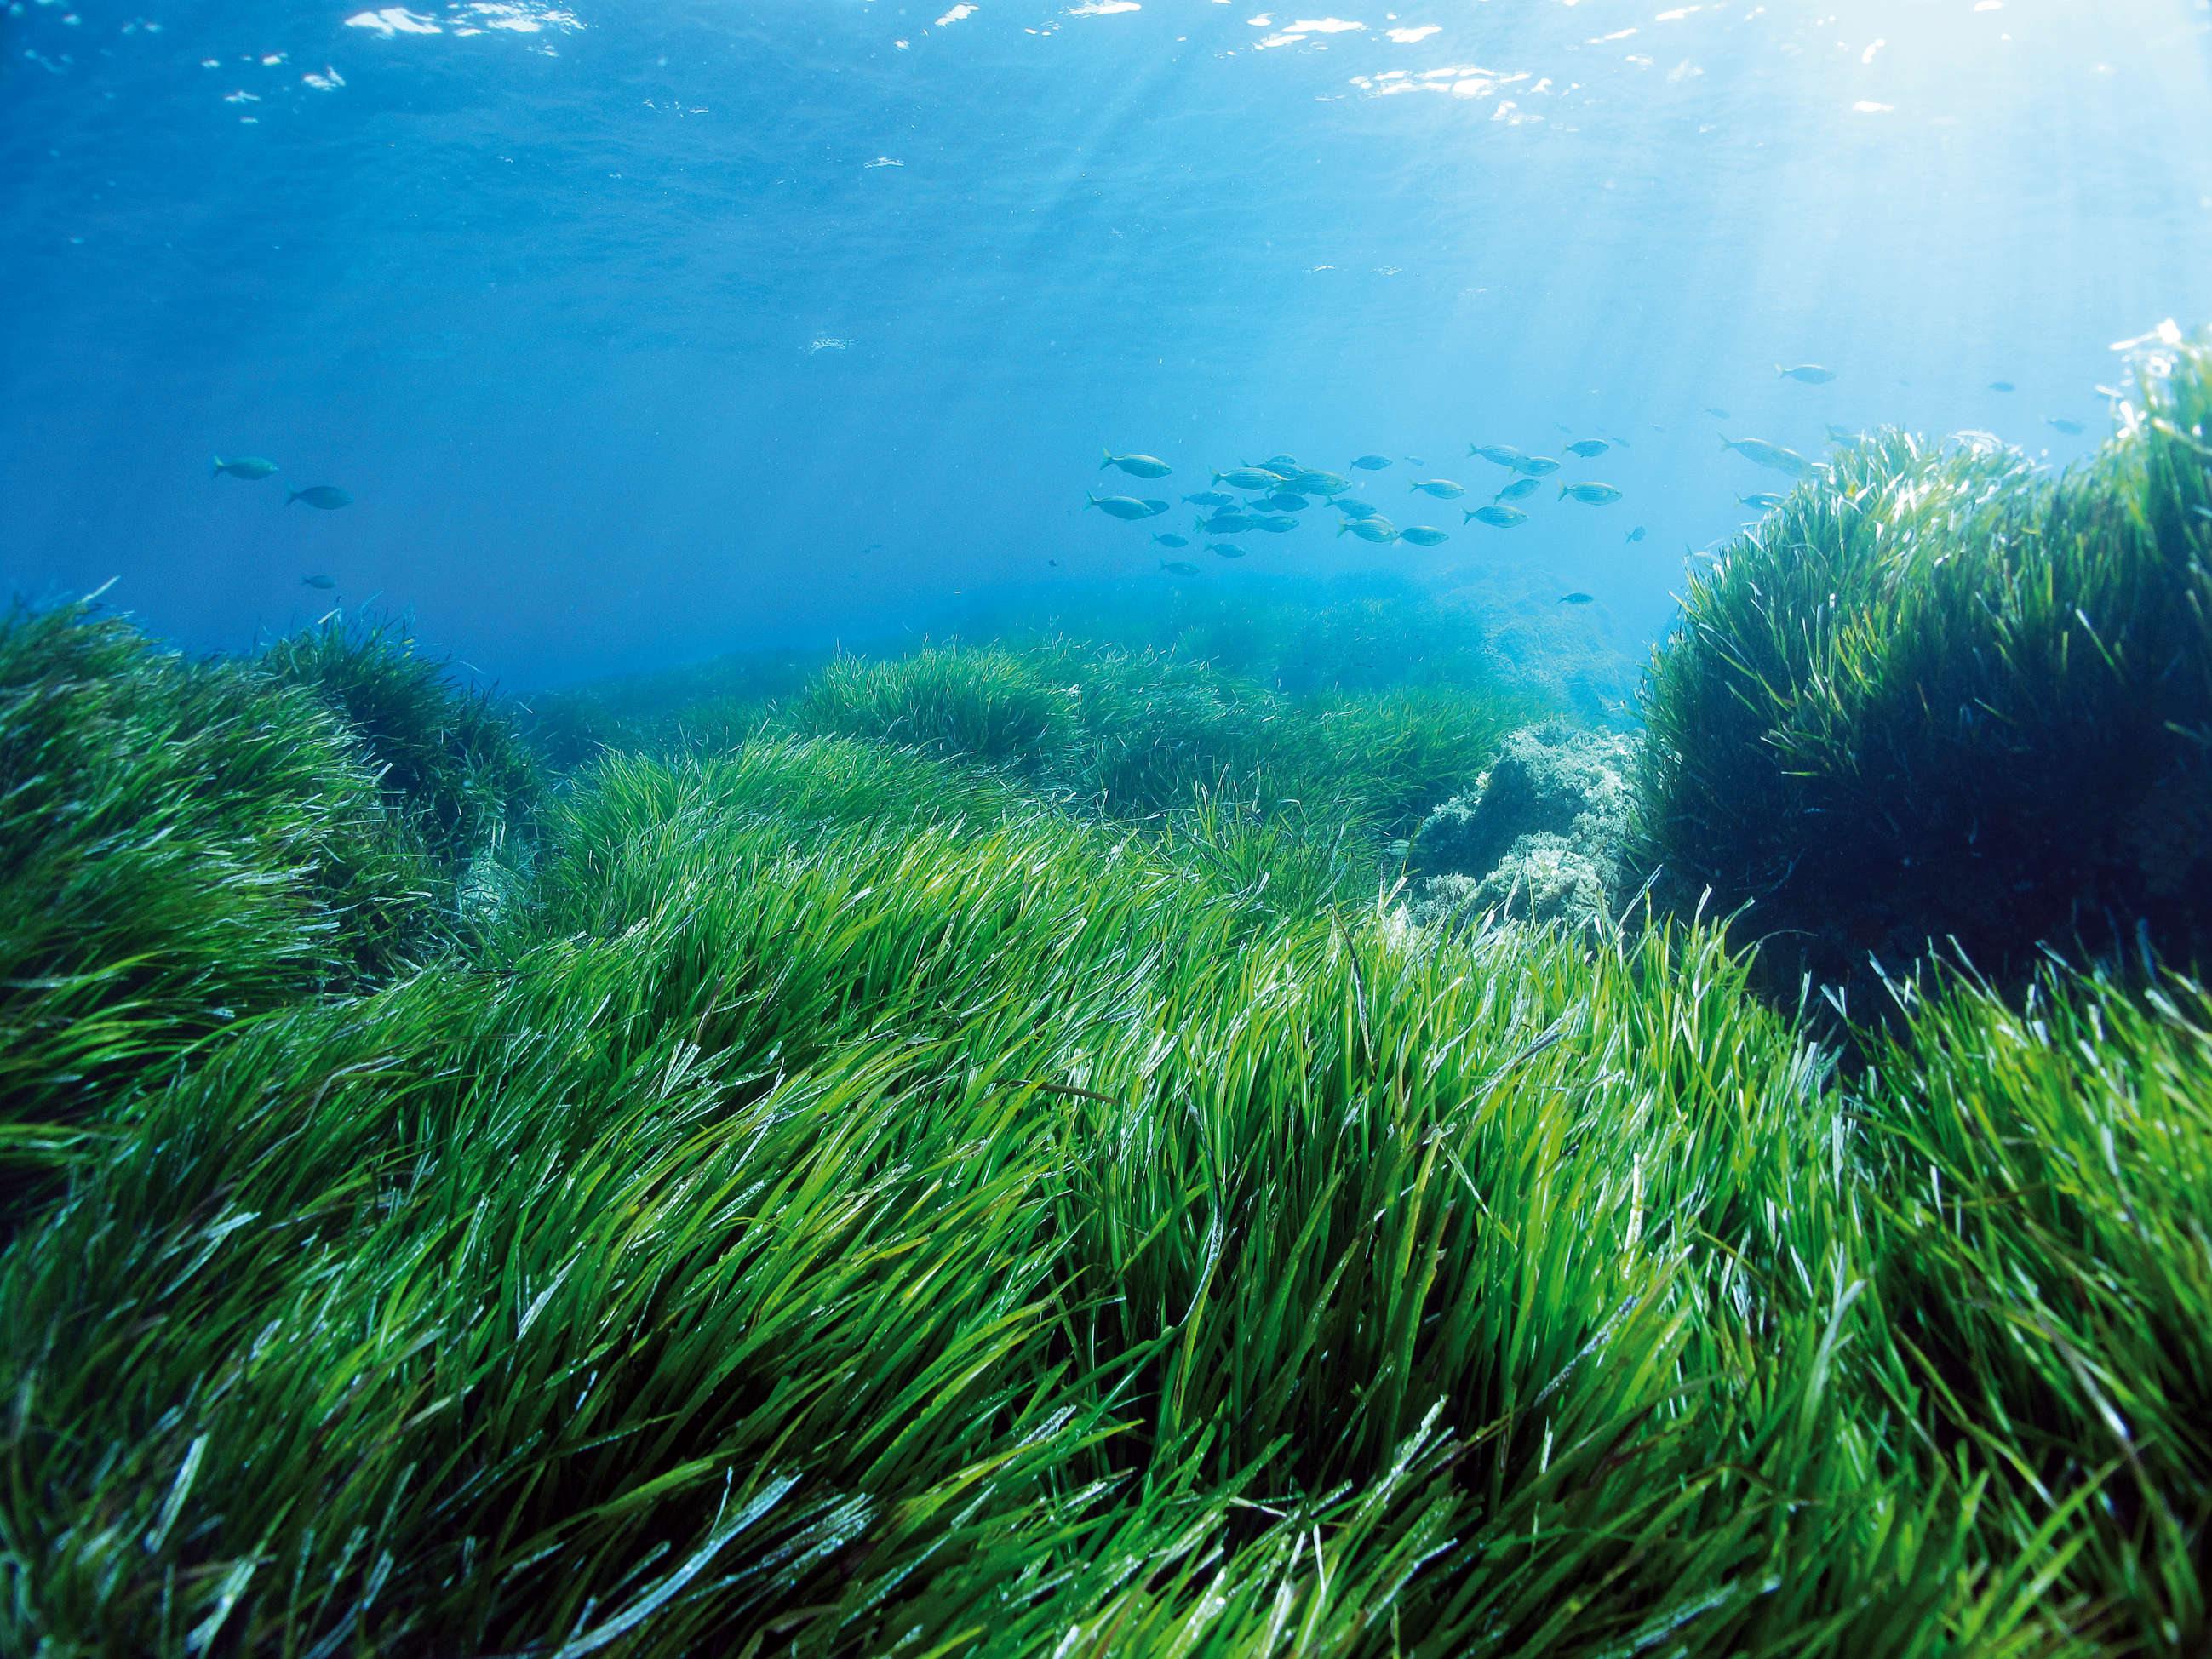 океаническая посидония